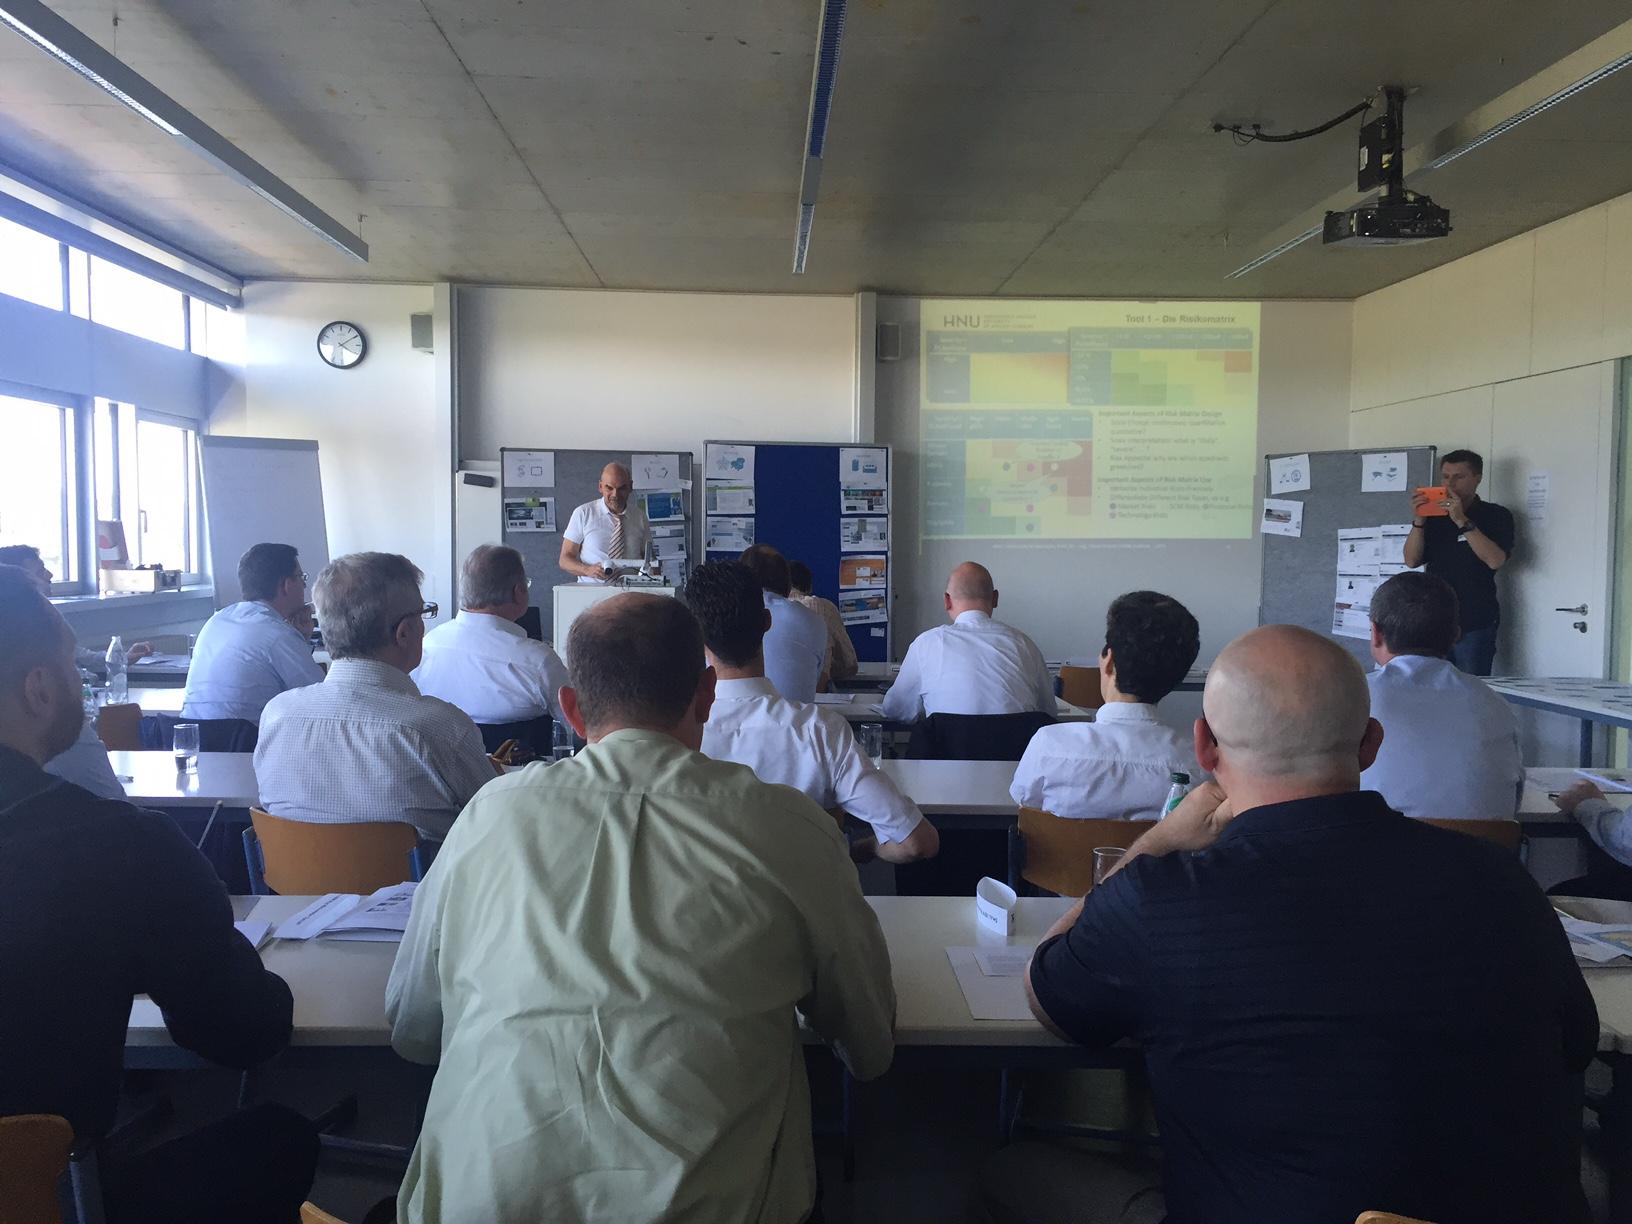 Die Teilnehmer der Veranstaltung, insbesondere zahlreiche mittelständische Unternehmer, hören dem Vortrag von Prof. Dr.-Ing. Oliver Kunze zum Thema Risk & Resource Management aufmerksam zu.